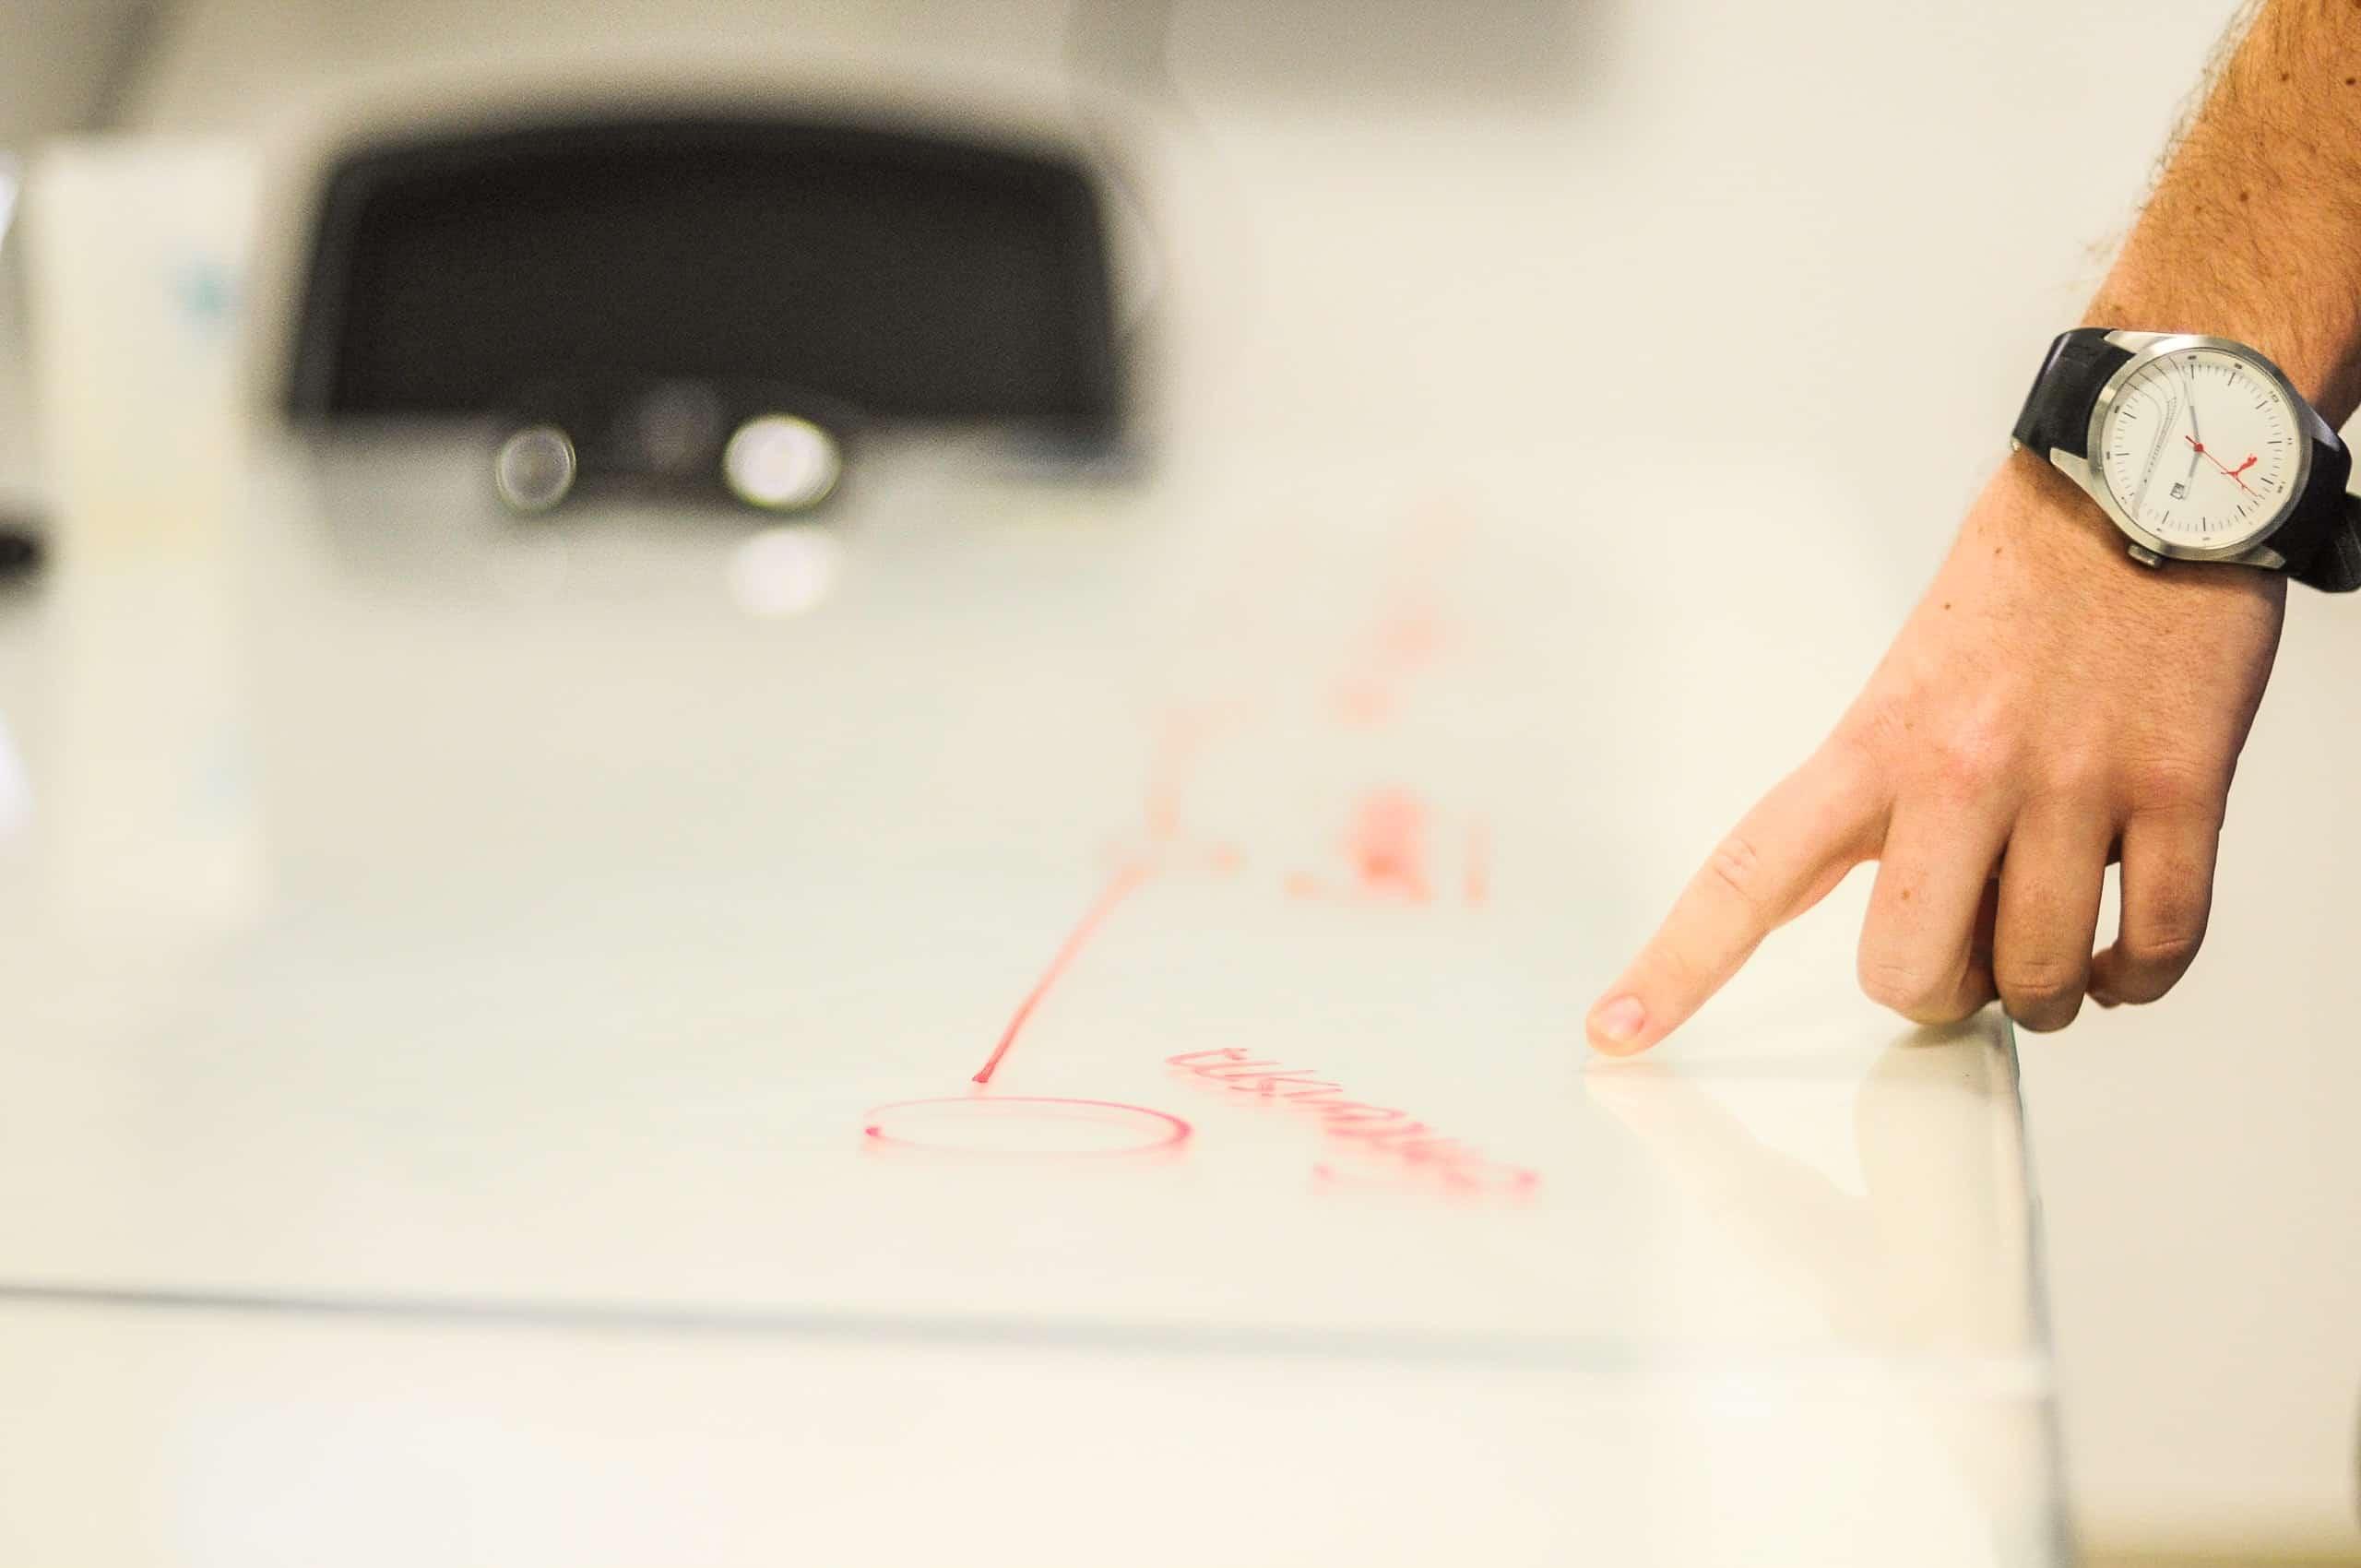 doigt pointant un schema sur une table